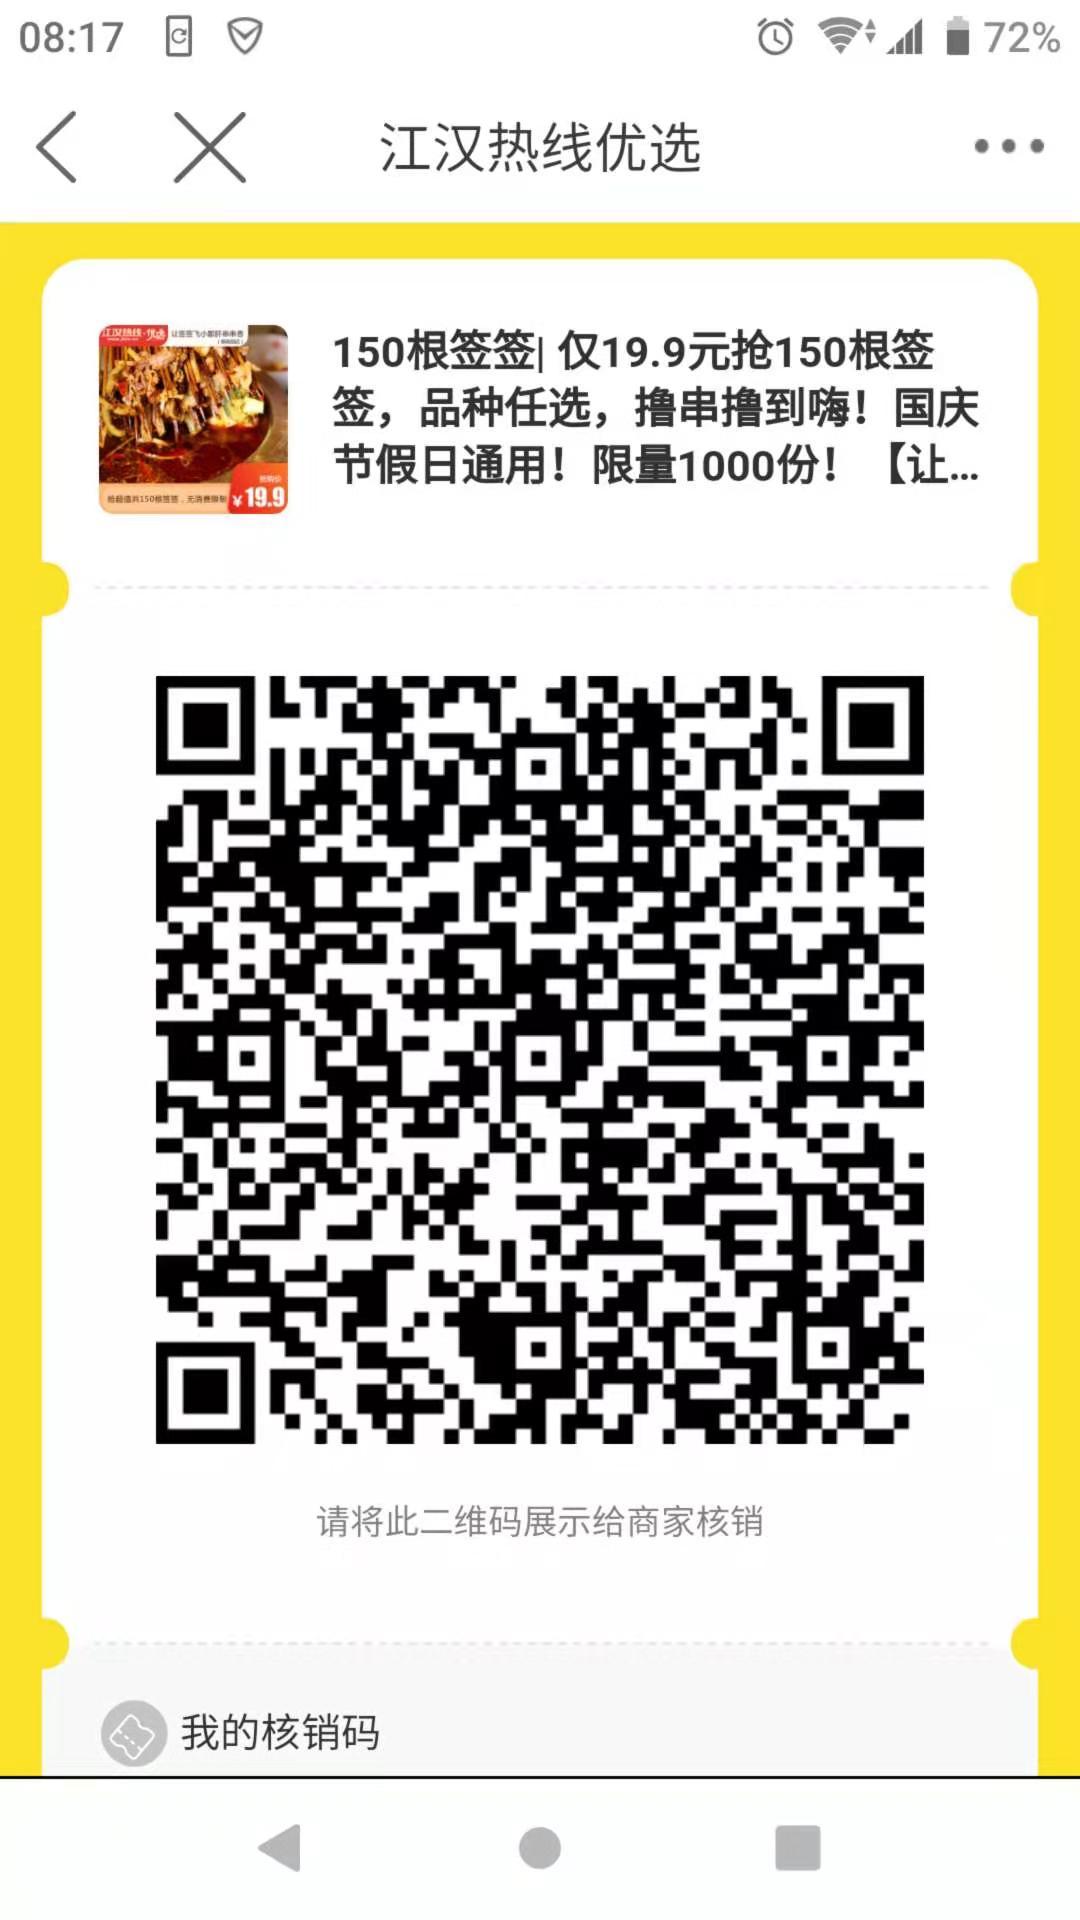 微信图片_201910090821481.jpg